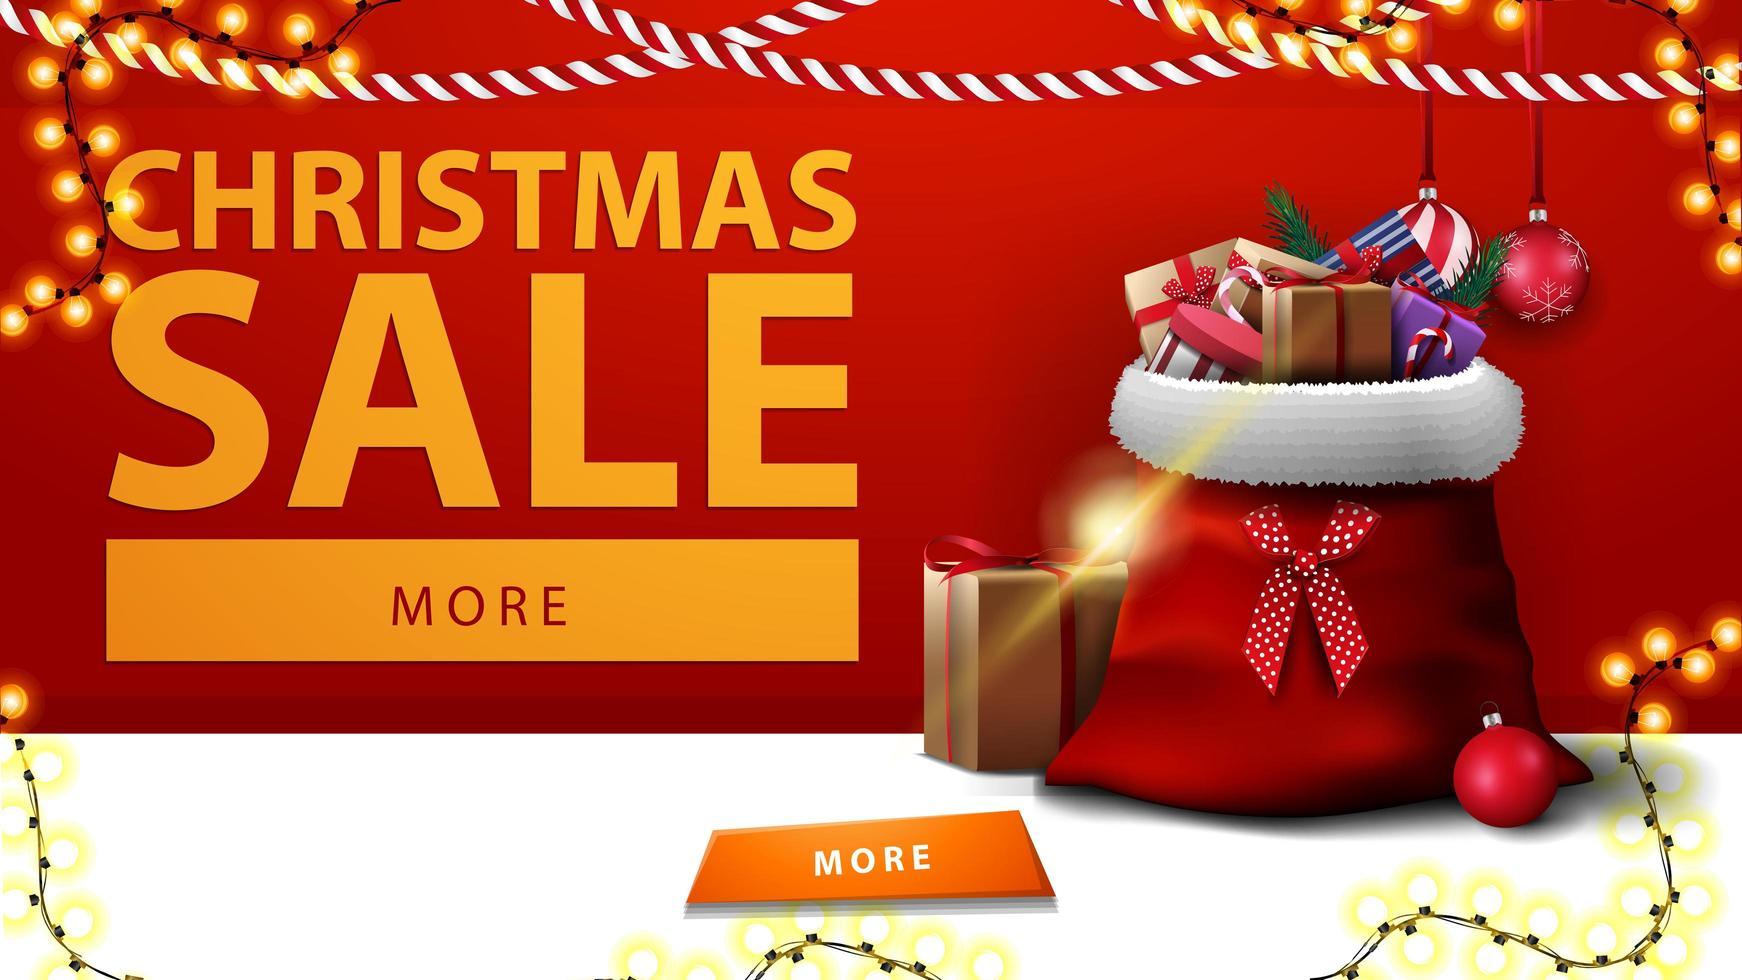 kerst verkoop. horizontale kortingsbanner met kerstmanzak met cadeautjes in de buurt van de rode muur vector